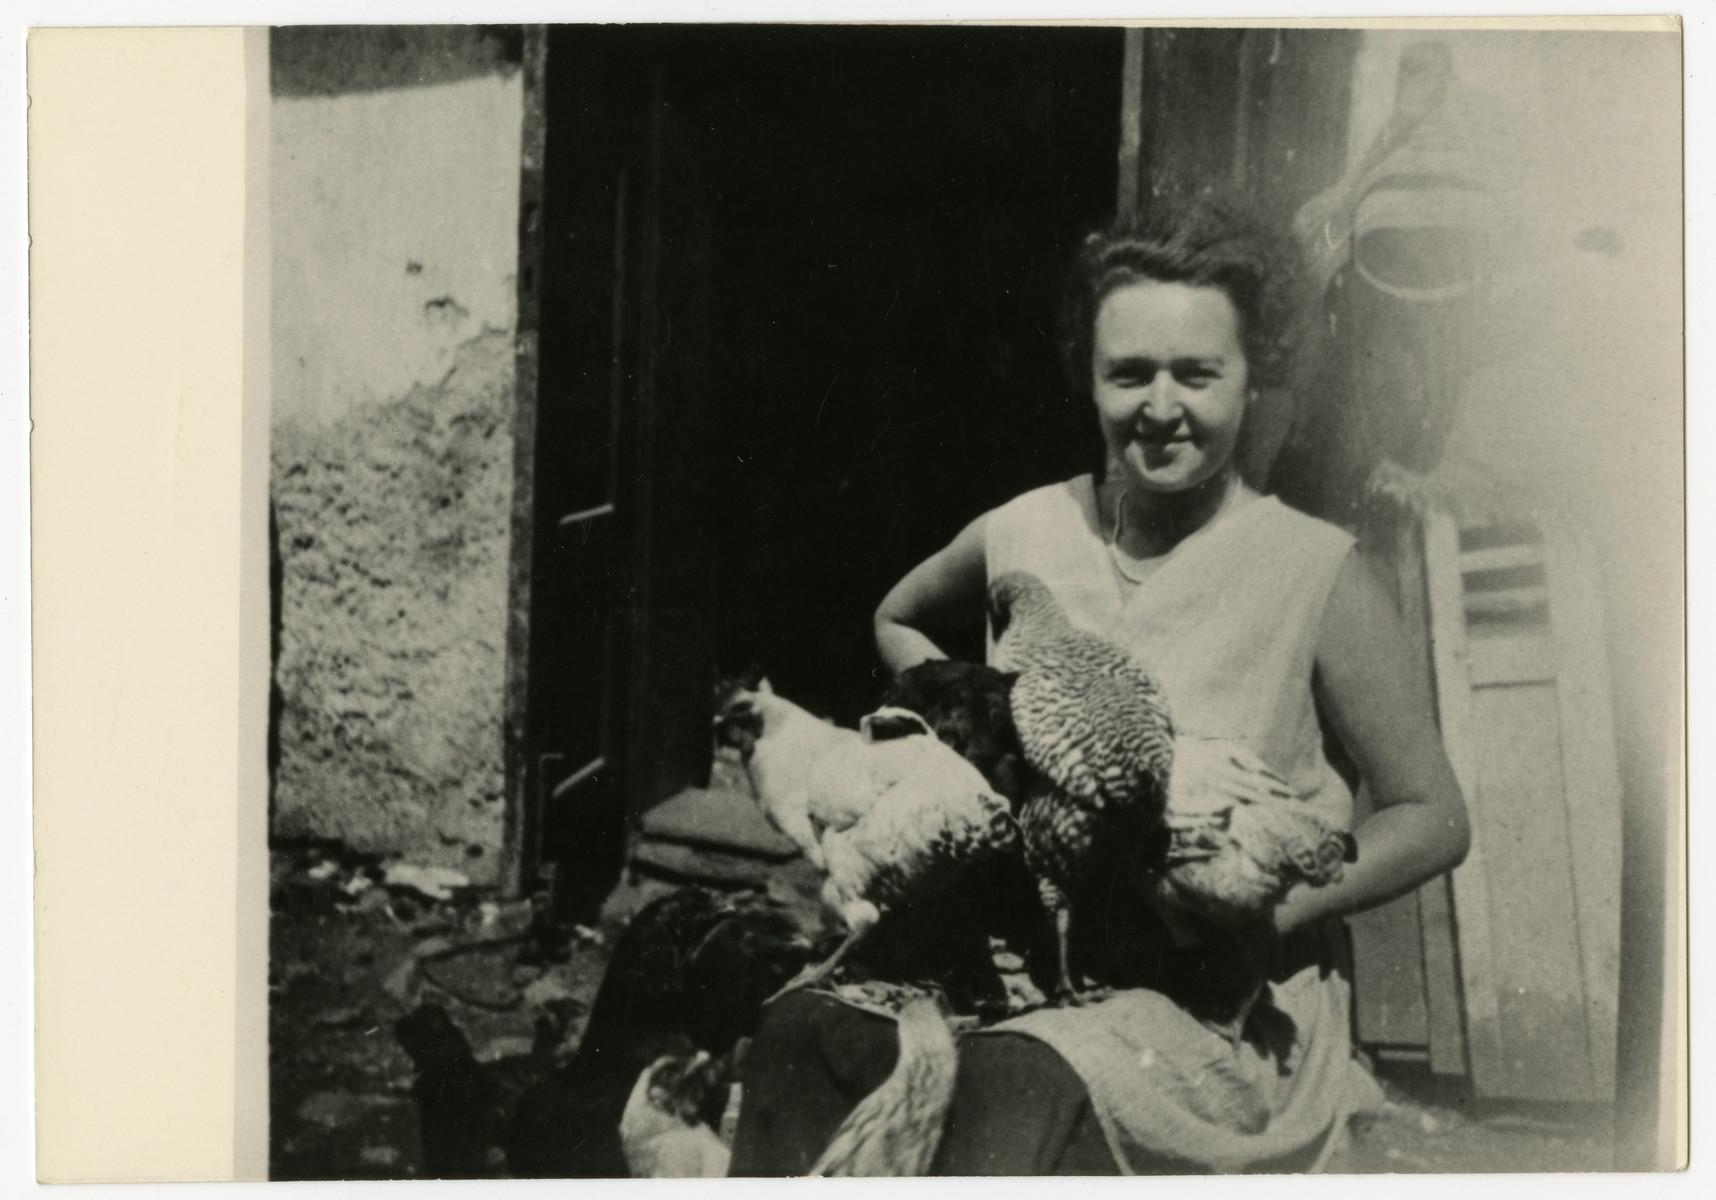 Piroska Vjecsner feeds chickens outside her home in Kremnica.